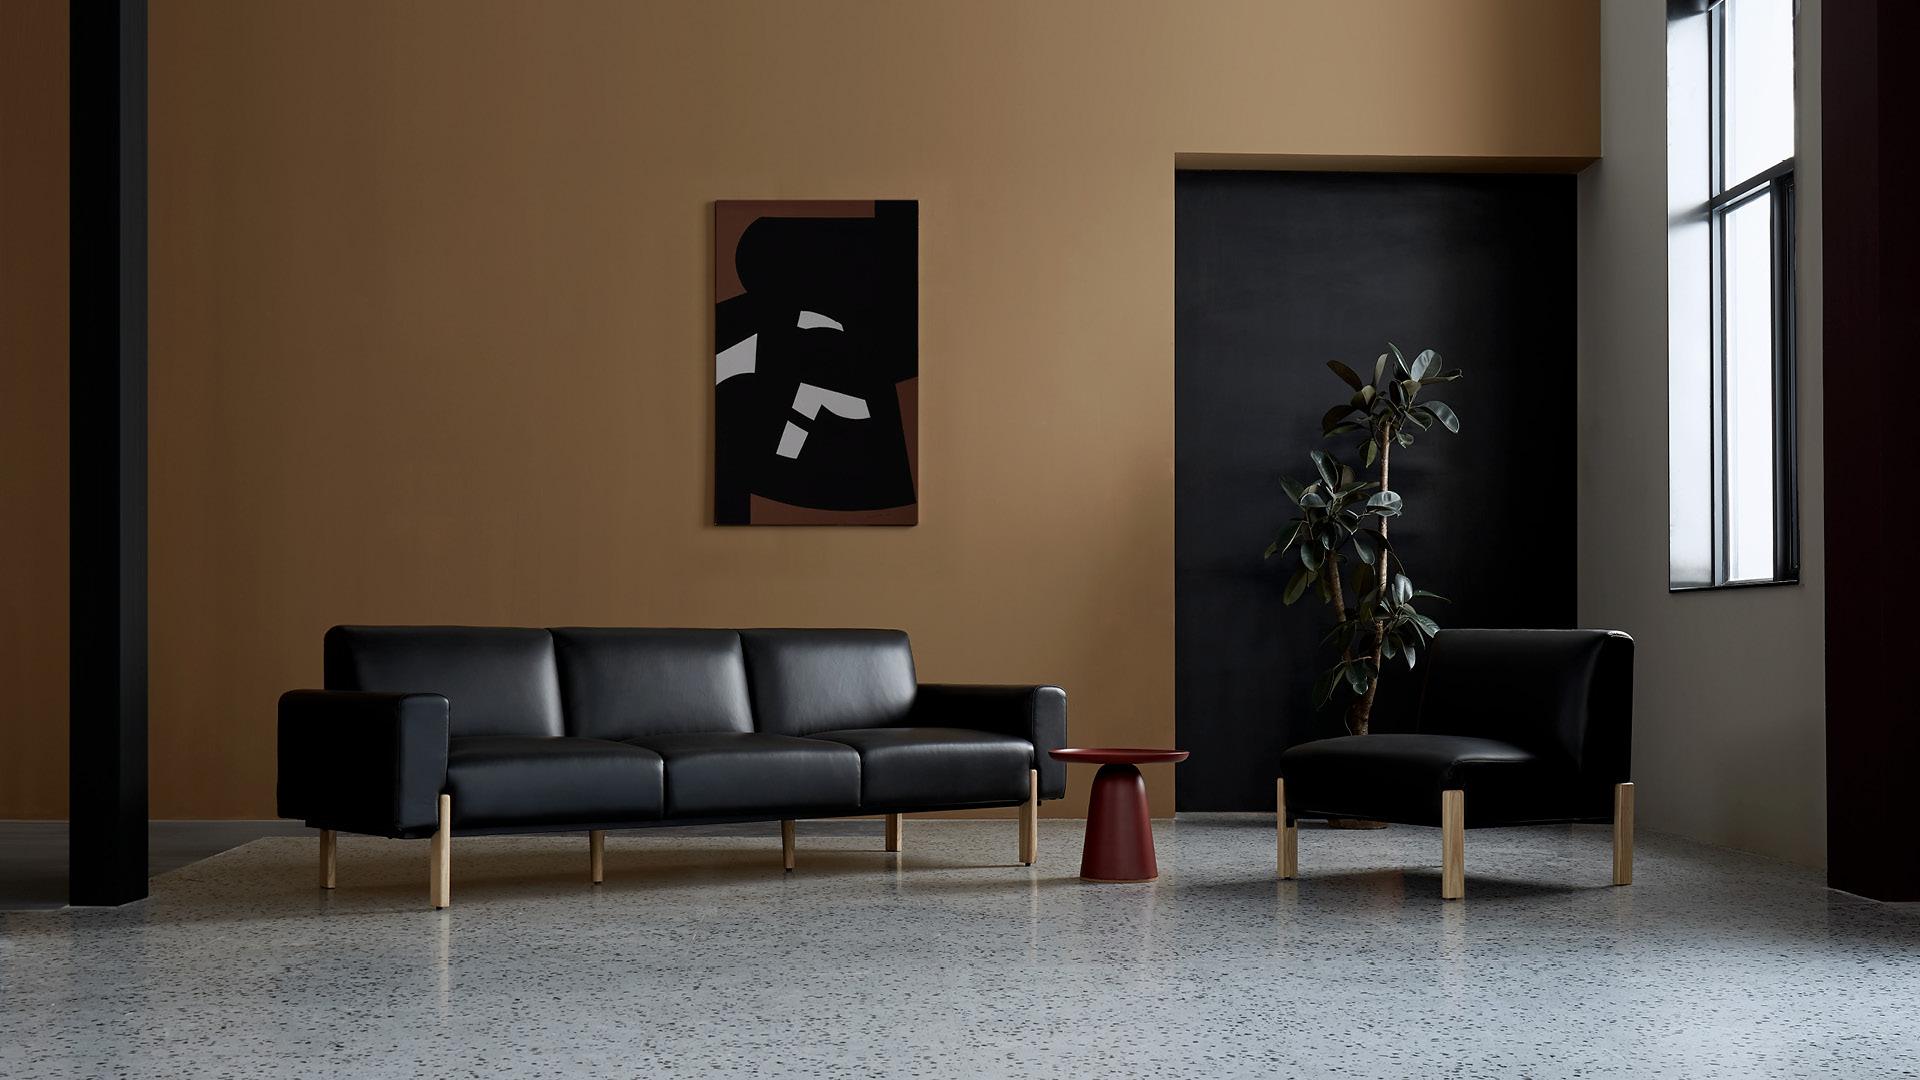 耸立实木,真皮包裹,定调空间建筑轮廓